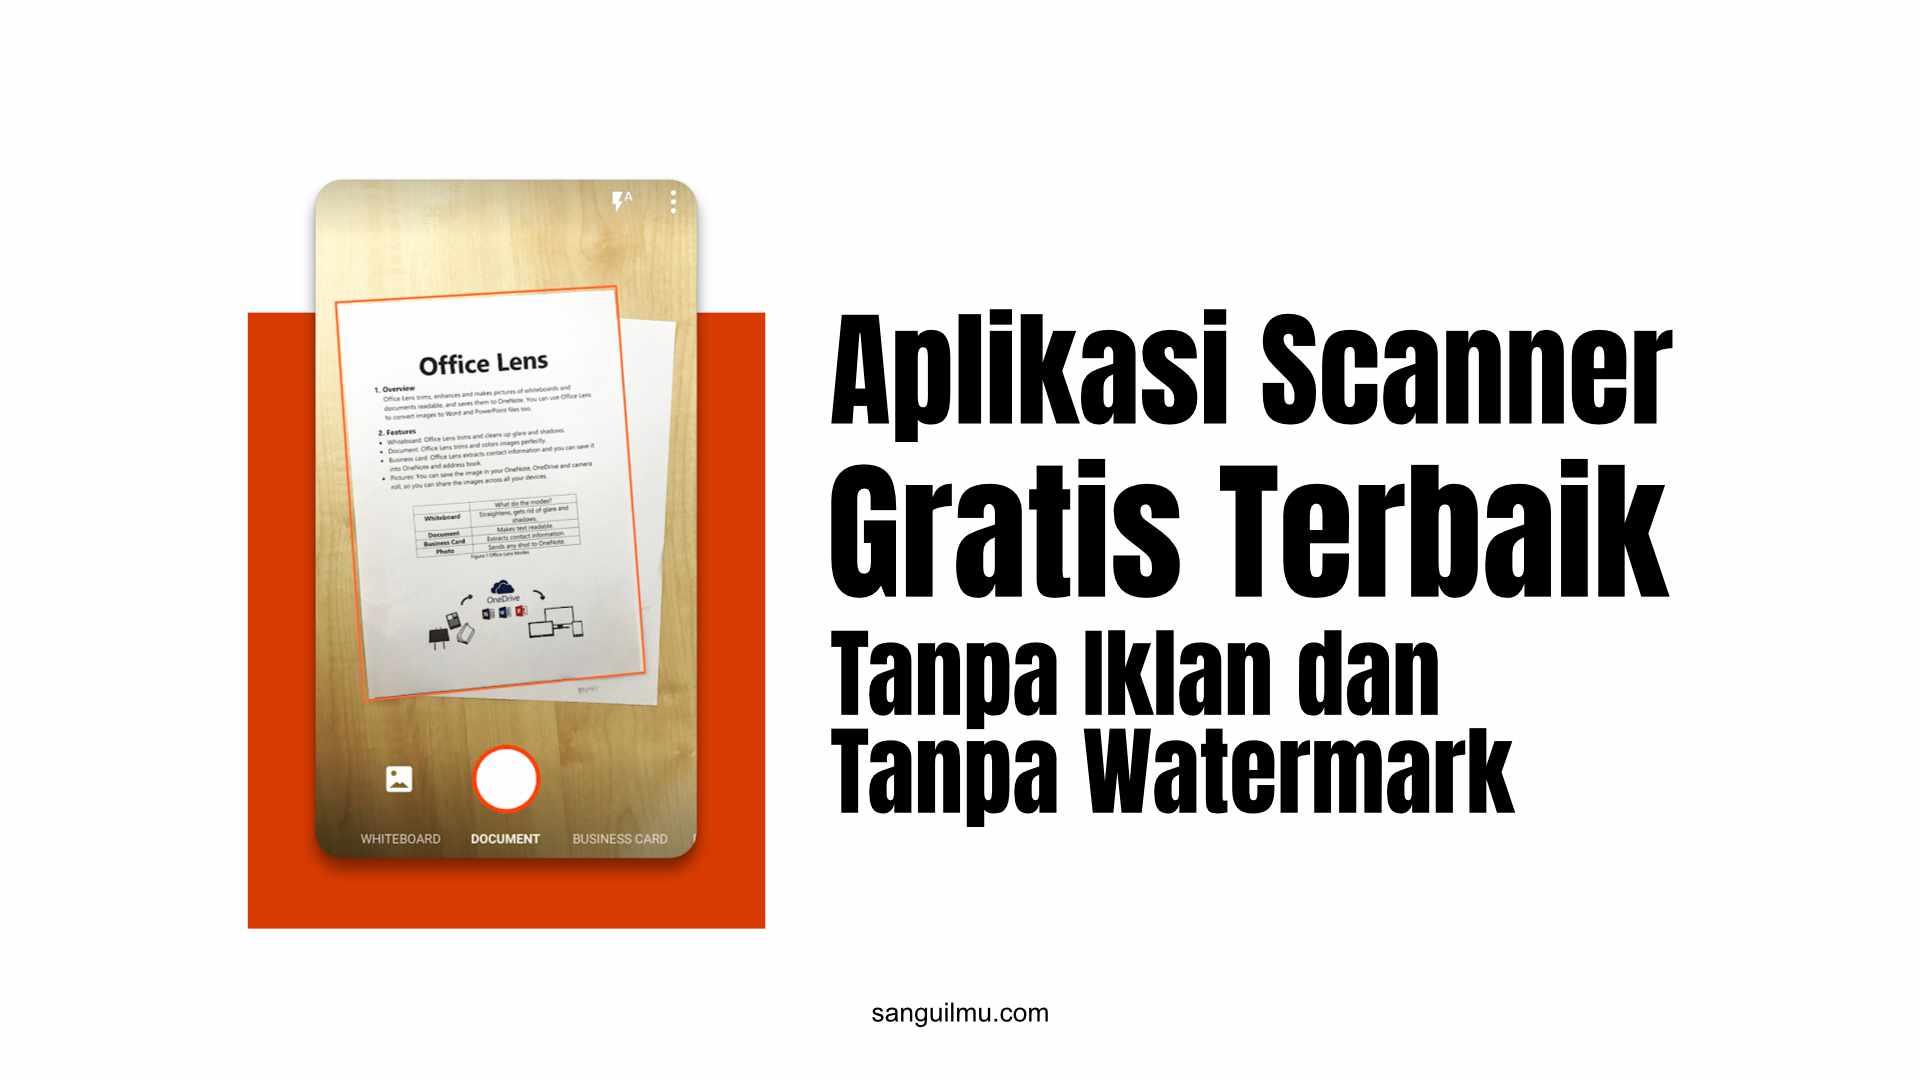 Aplikasi Scanner Gratis Terbaik Tanpa Iklan dan Tanpa Watermark |